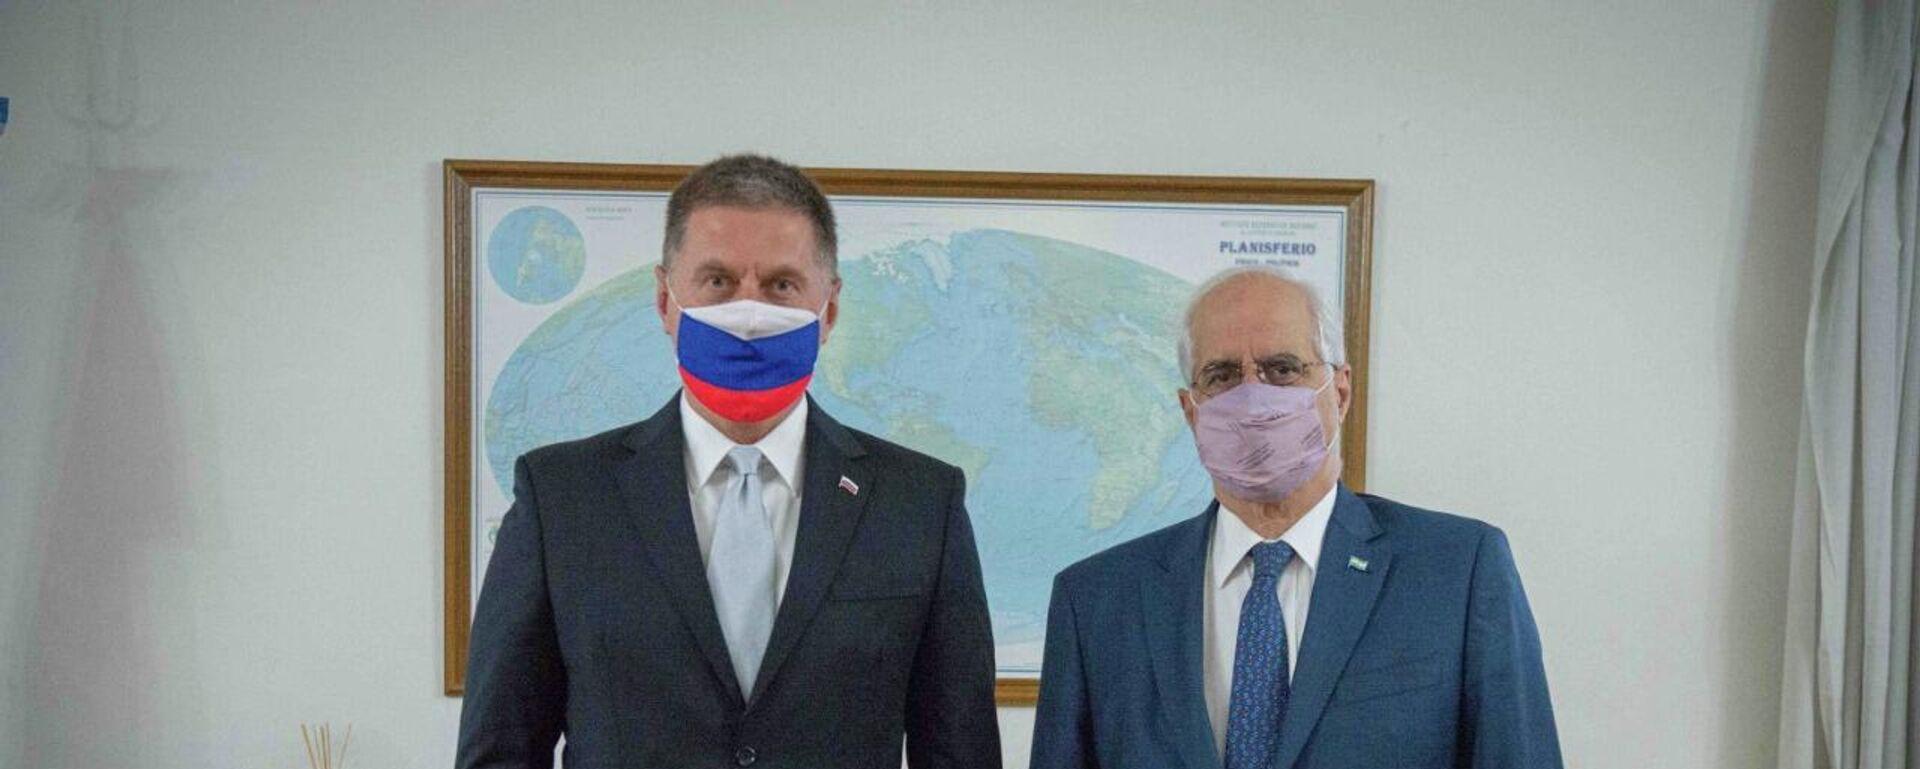 El ministro de Defensa de Argentina, Jorge Taiana, y el embajador ruso en Buenos Aires, Dmitri Feoktístov - Sputnik Mundo, 1920, 06.10.2021